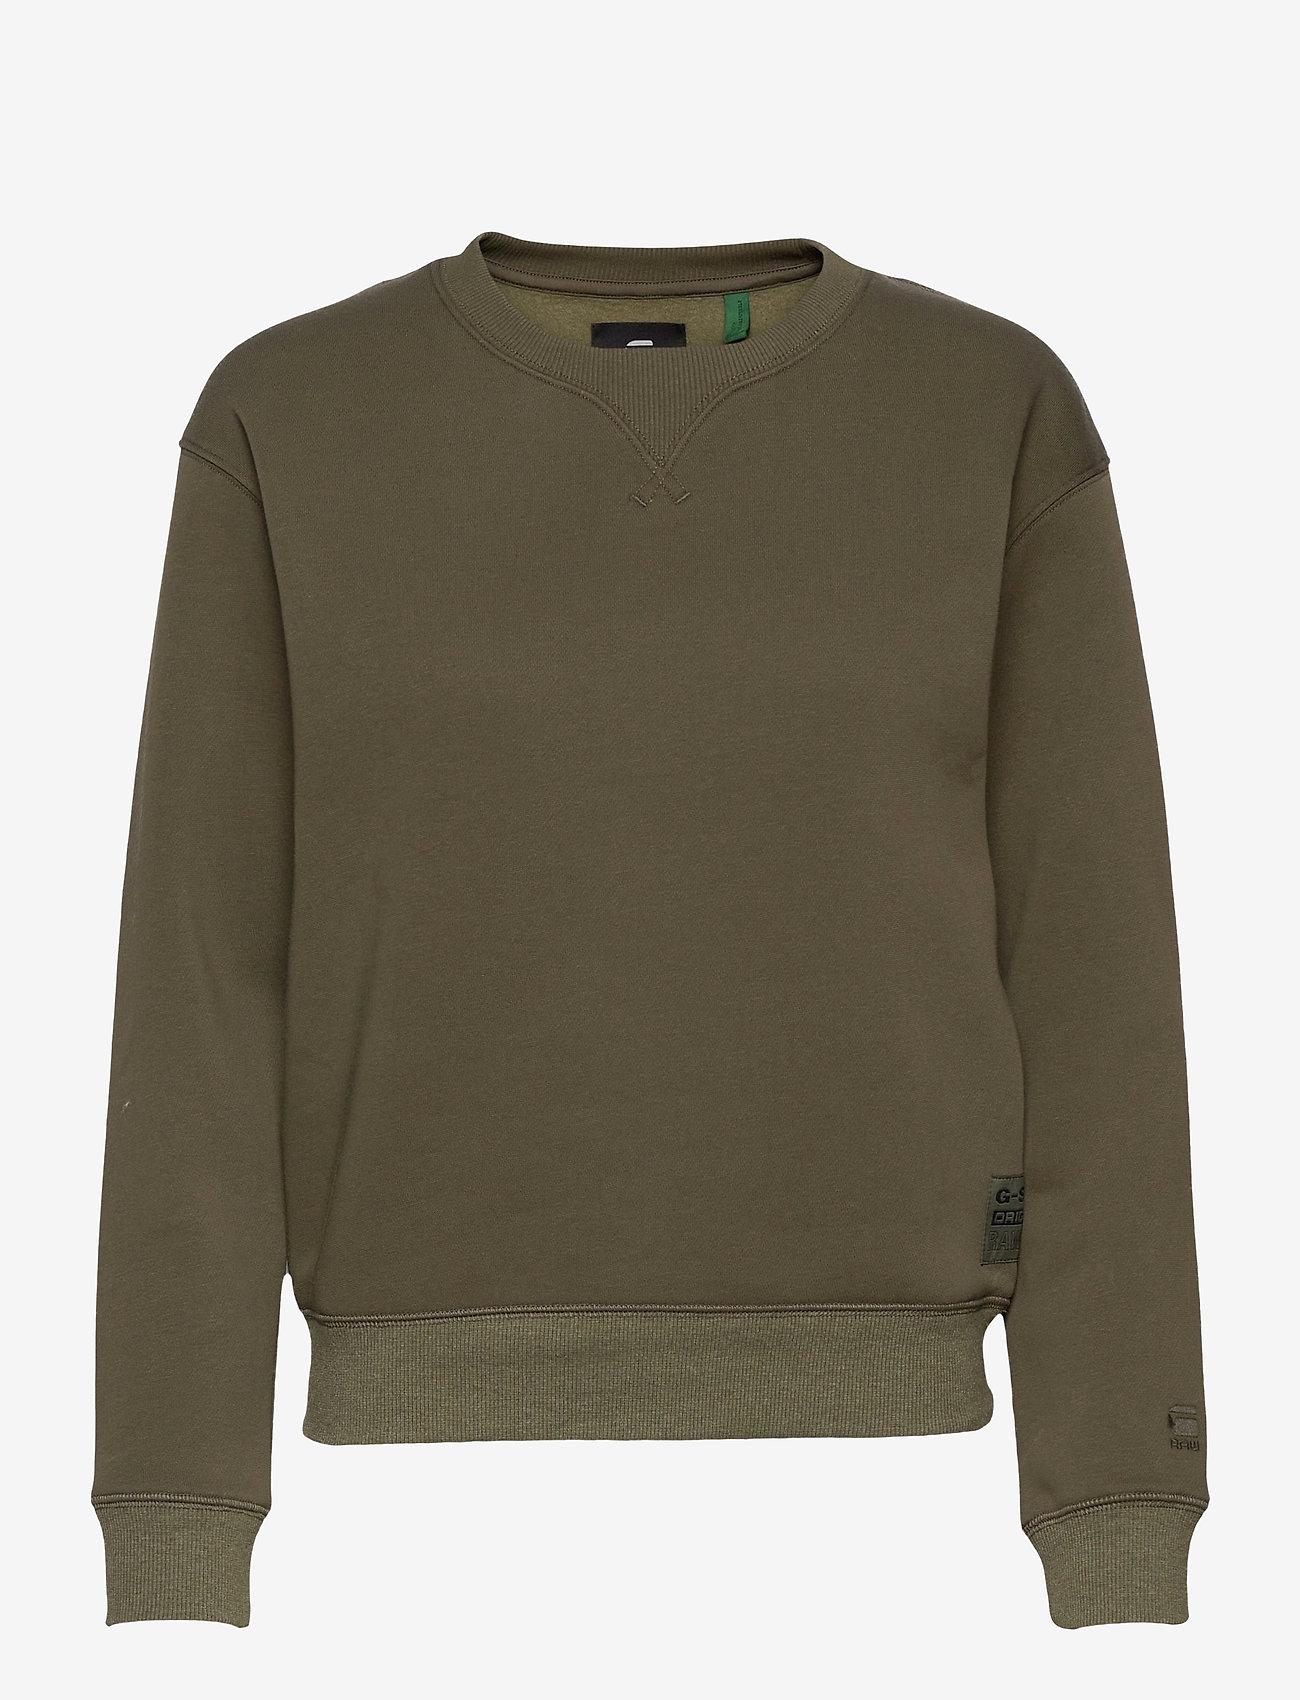 G-star RAW - Premium core r sw wmn l\s - sweaters - combat - 0